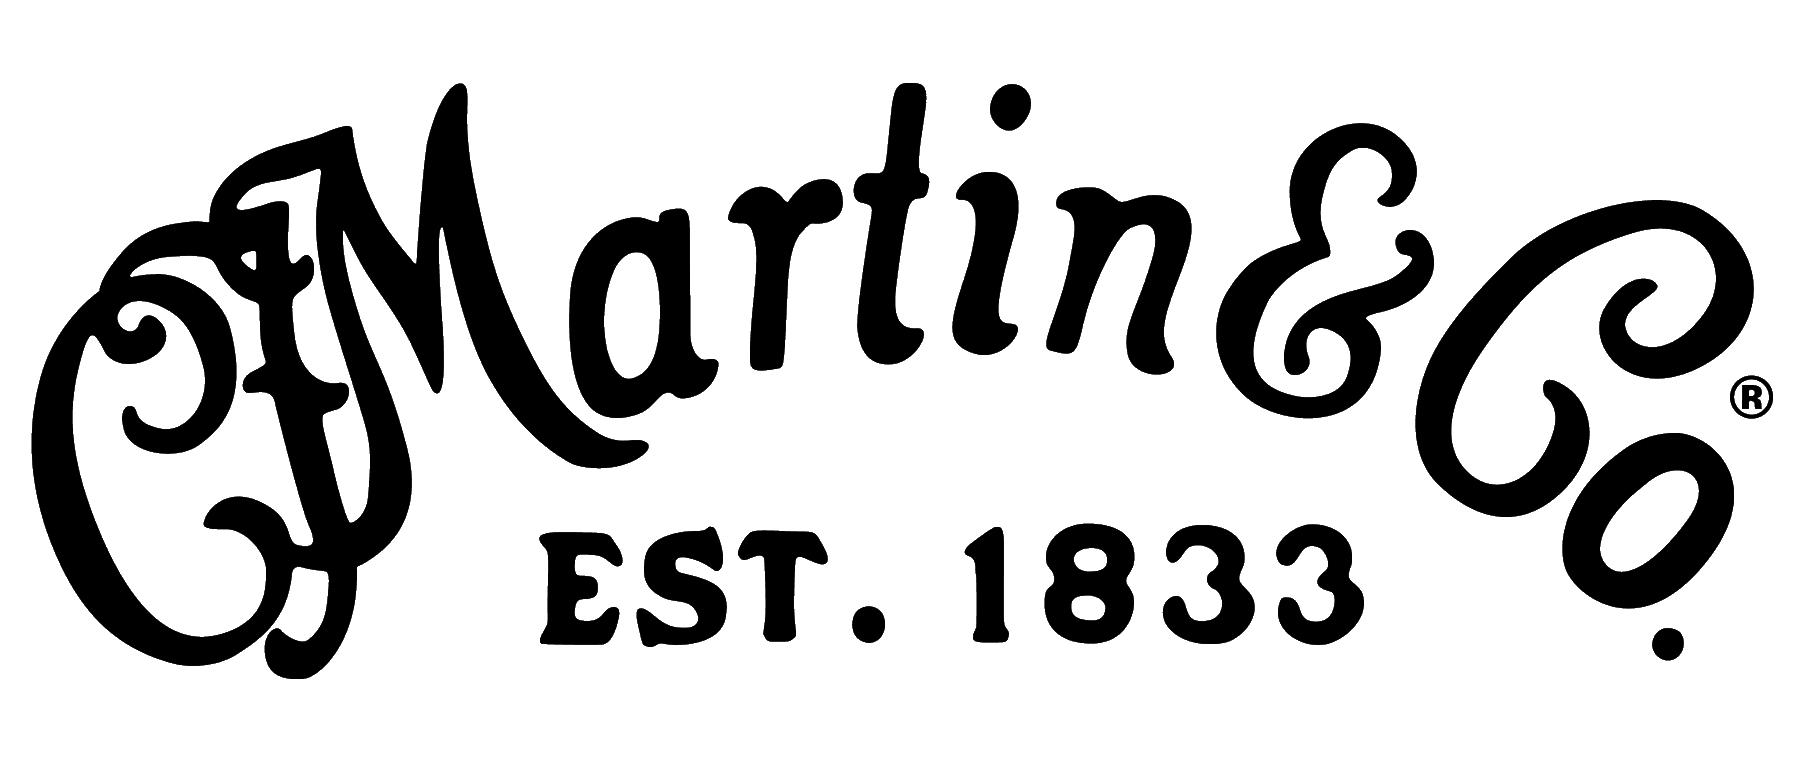 Martin-Guitar-logo1.png